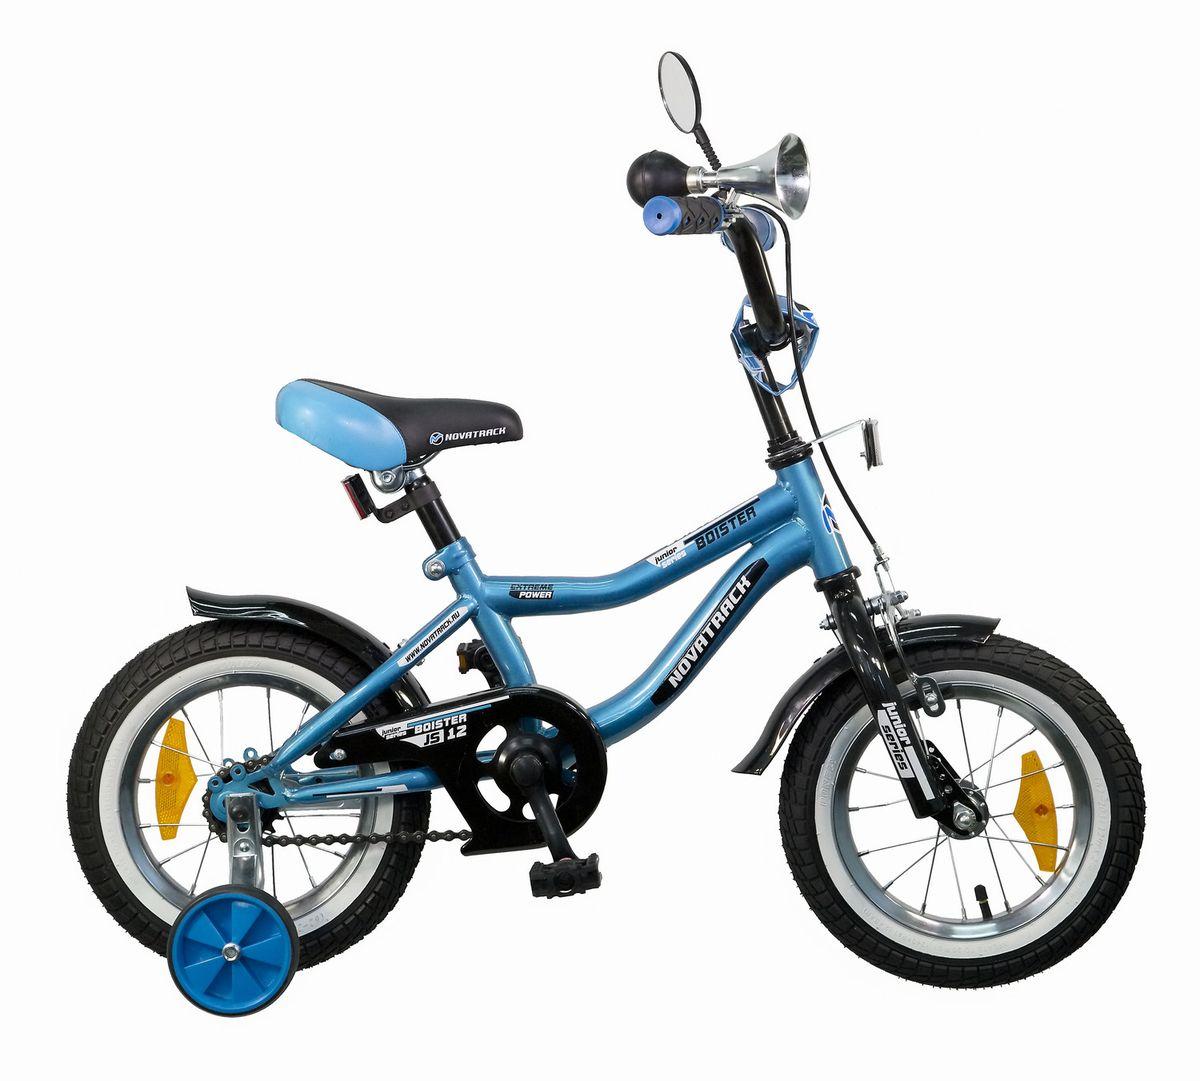 Велосипед детский Novatrack Boister, цвет: синий, черный, белый детский велосипед для мальчиков novatrack boister х52491 blue